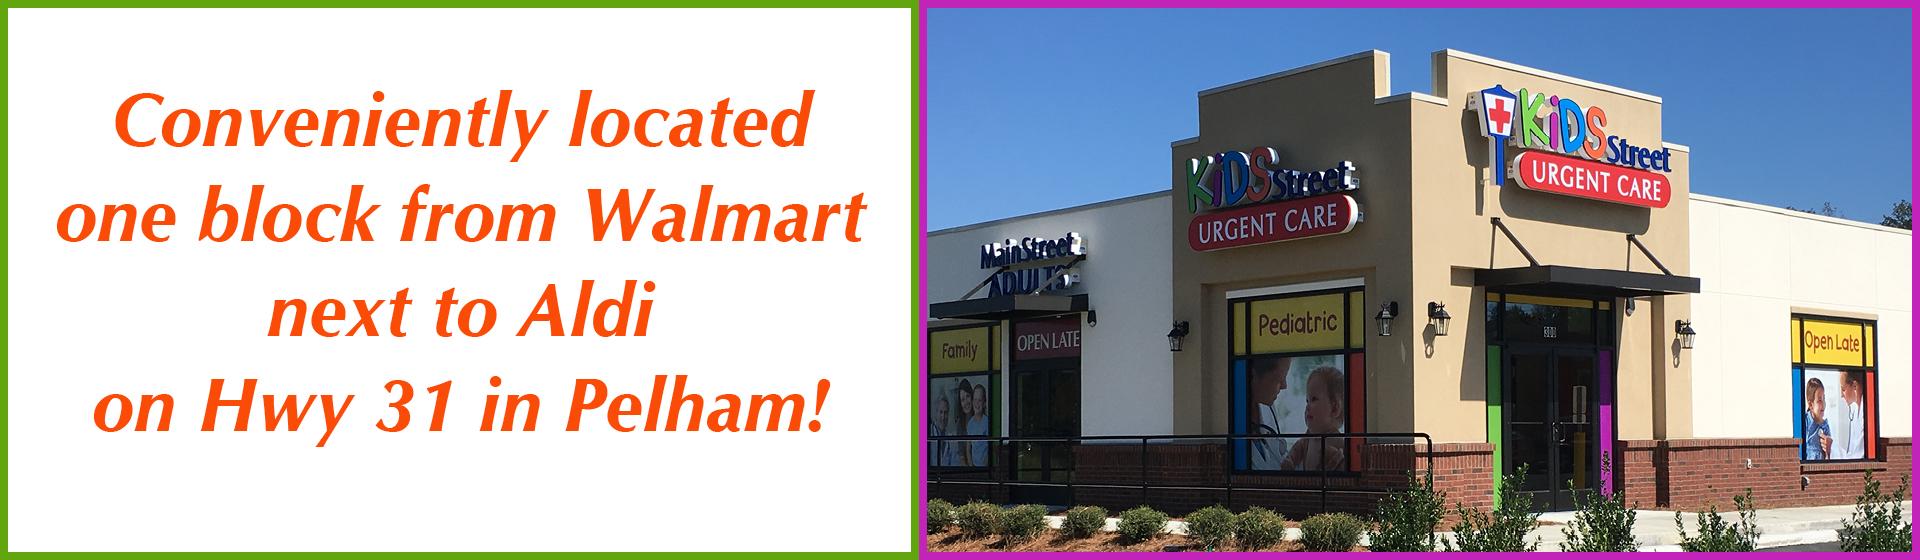 Pelham Urgent Care